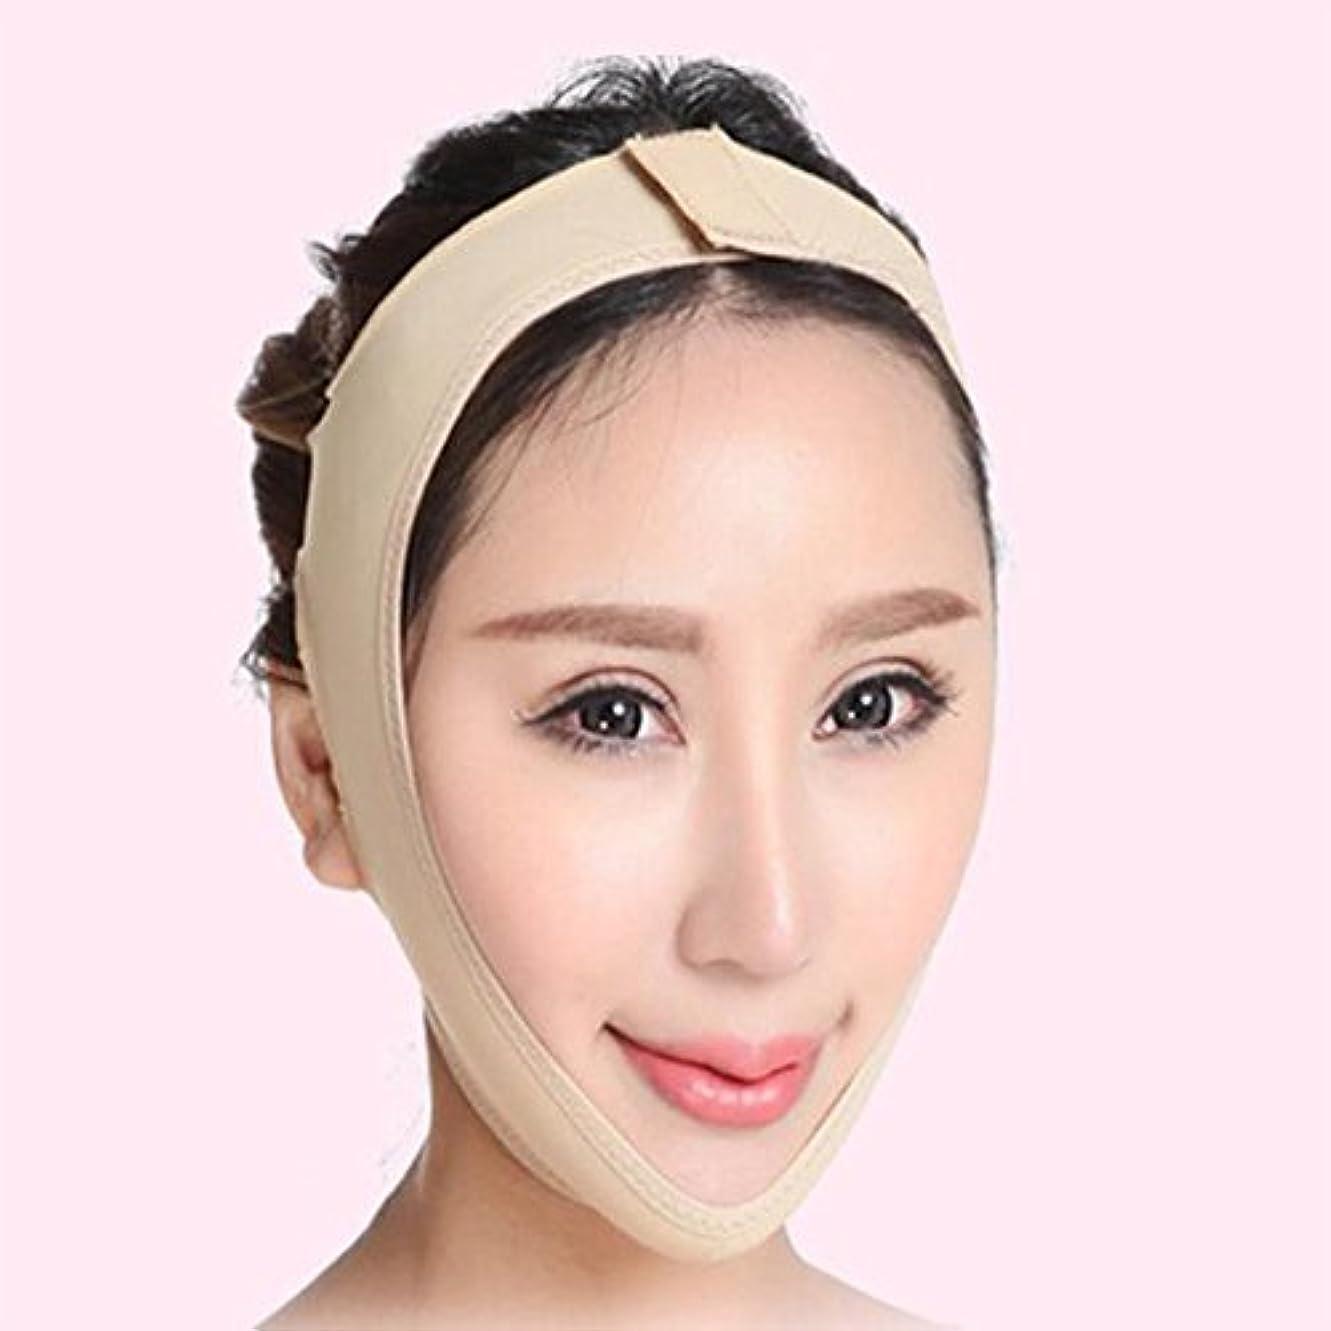 不透明な偶然のひどくSD 小顔 小顔マスク リフトアップ マスク フェイスライン 矯正 あご シャープ メンズ レディース Lサイズ AZD15003-L